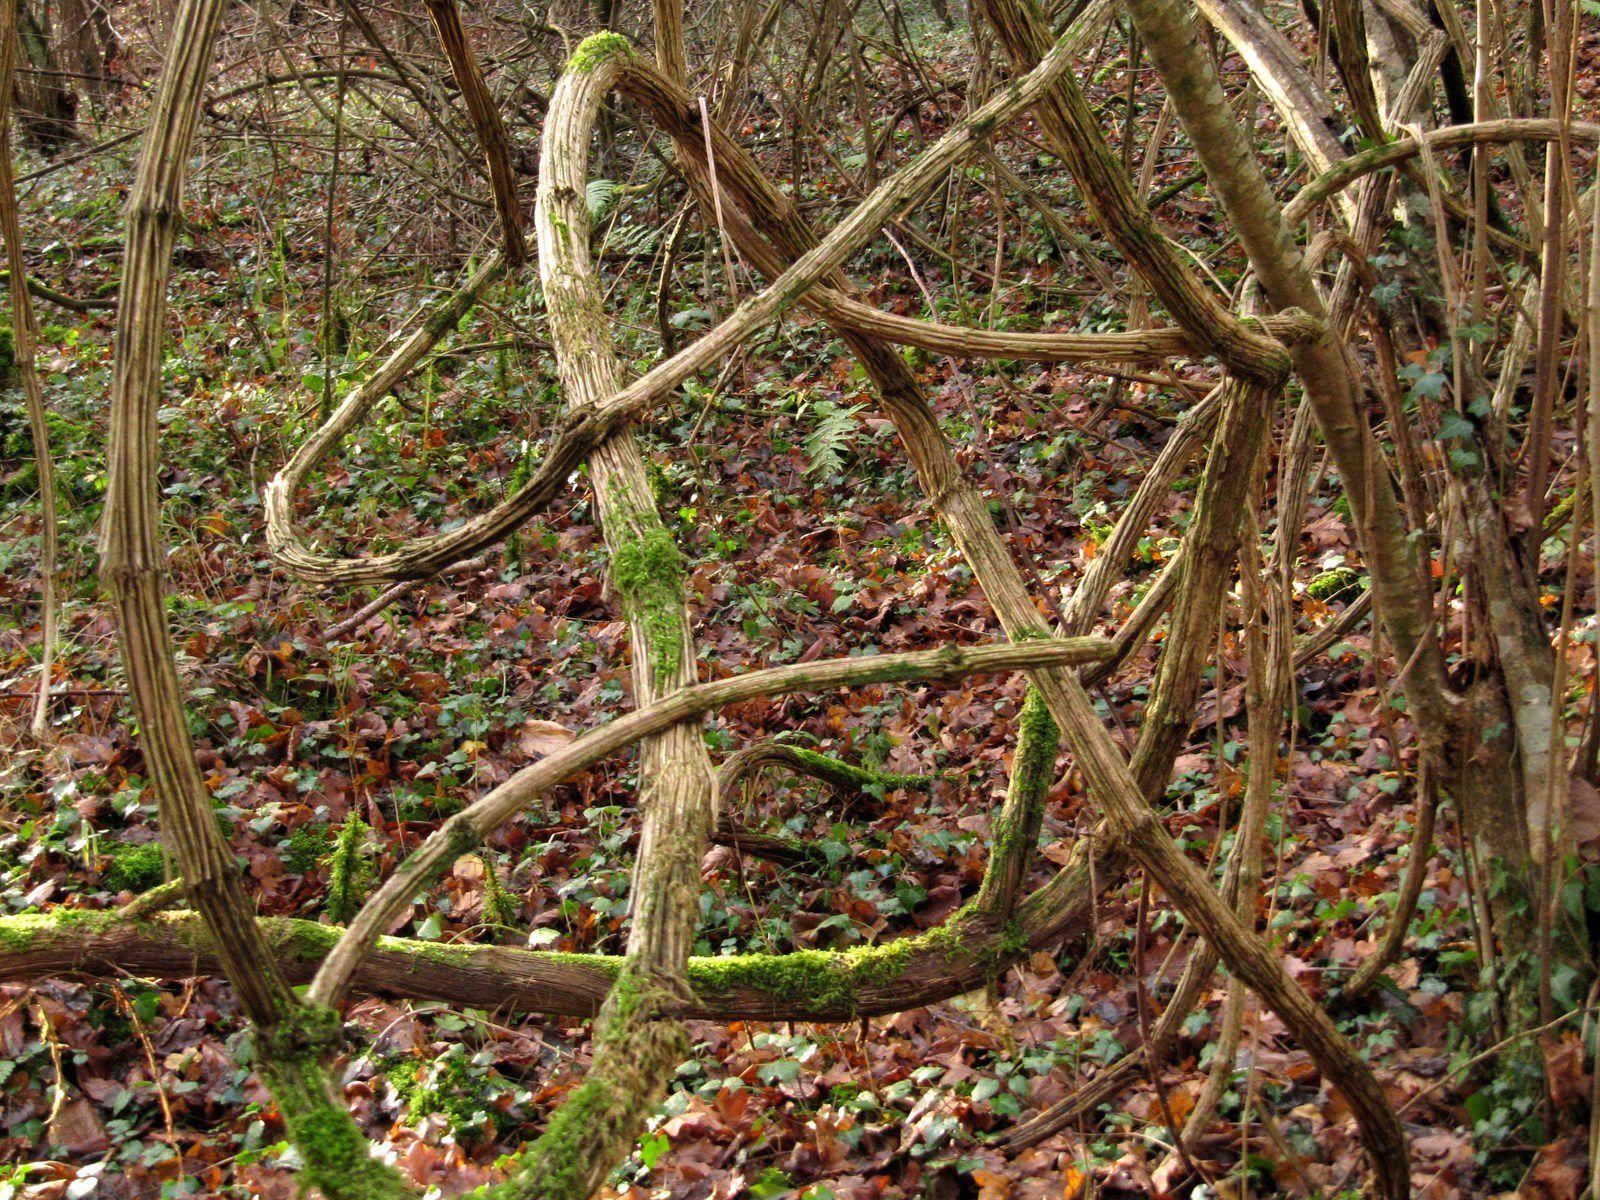 Clématite vigne-blanche, l'étouffeuse d'arbres ( Clematis vitalba)